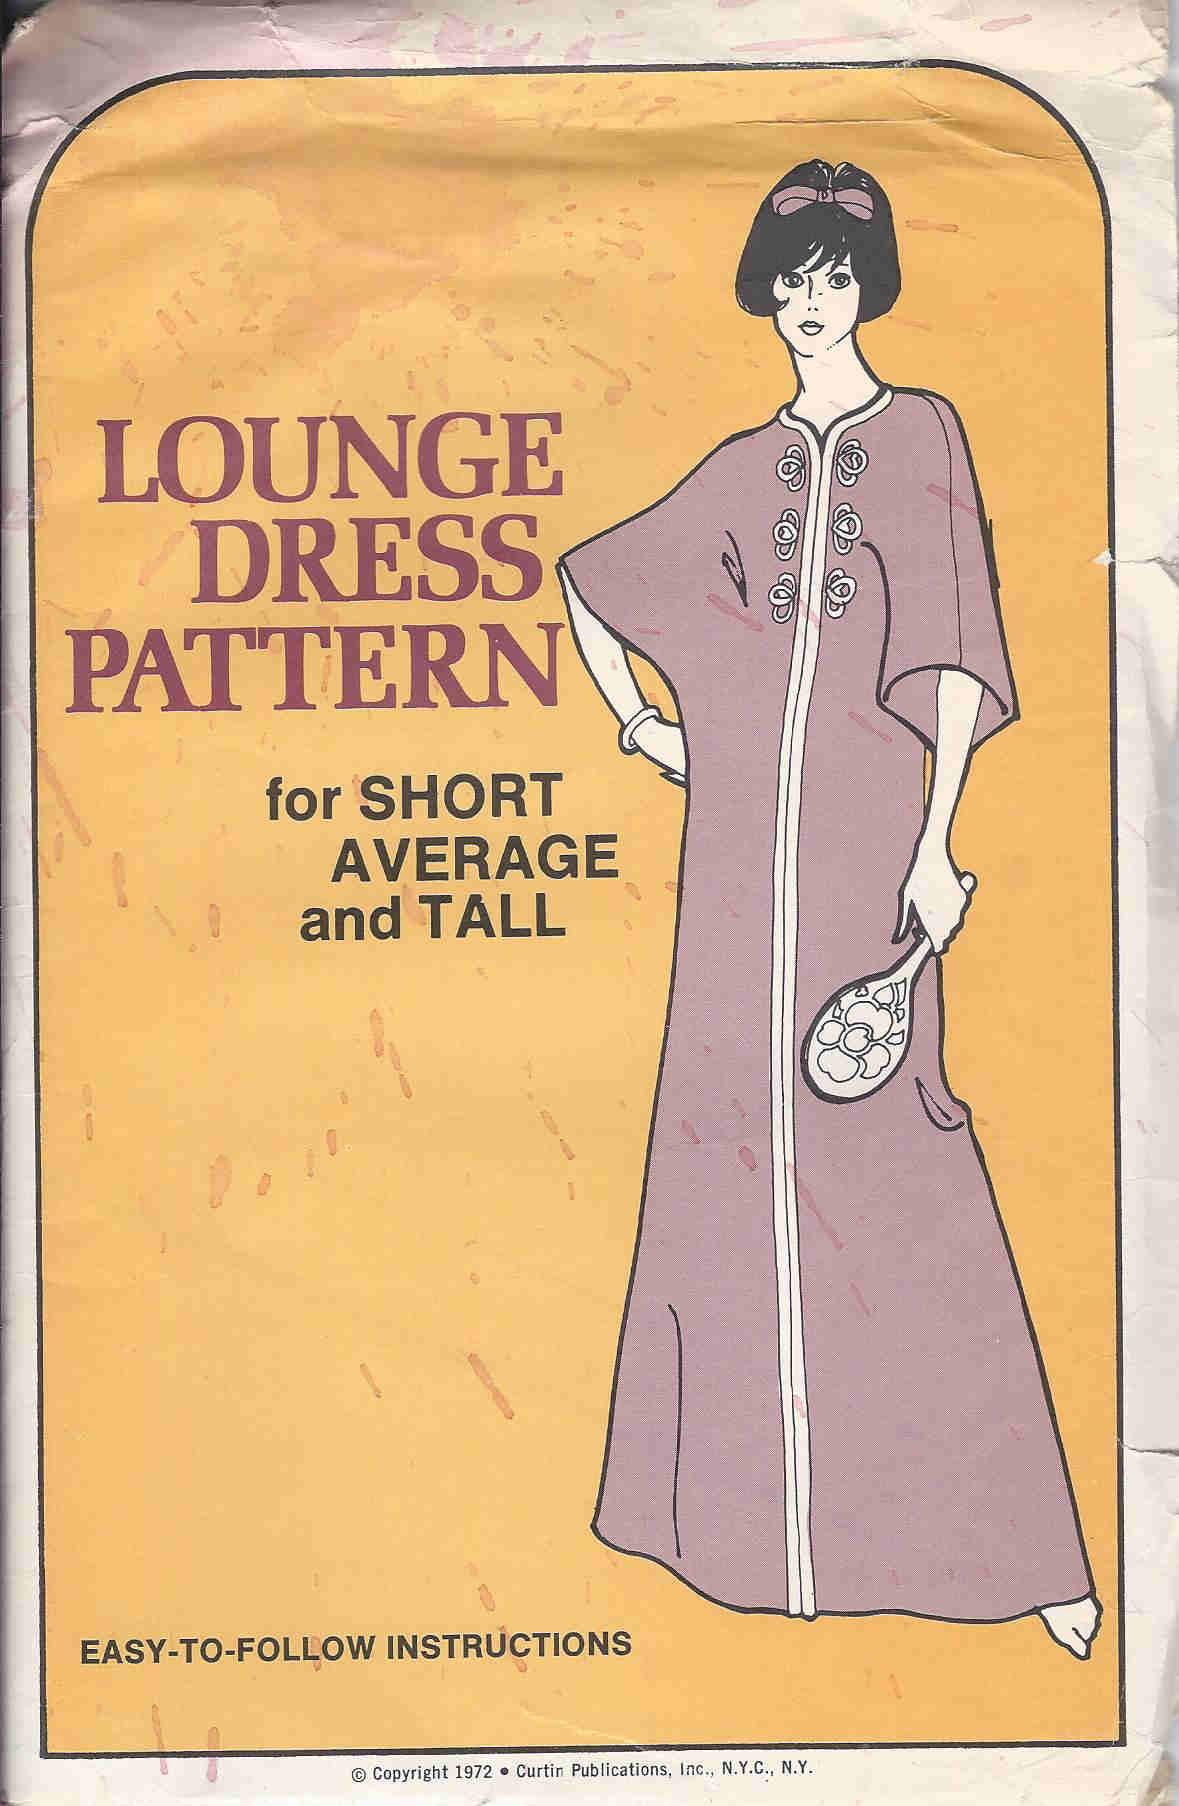 lounge dress 1970s Sewing pattern